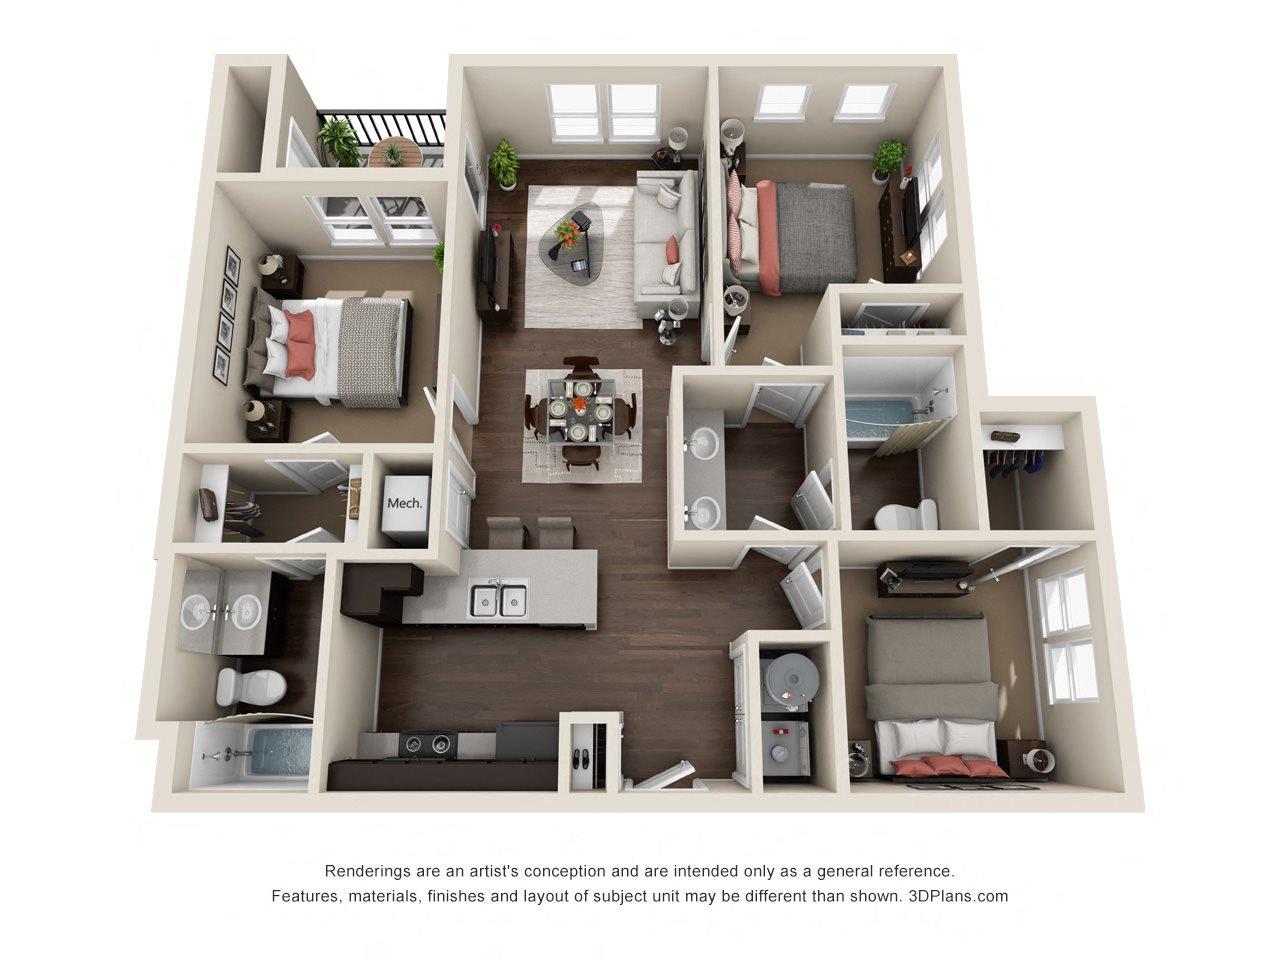 1 2 3 4 bedroom apartments in san antonio tx lucero - 4 bedroom apartments in san antonio texas ...